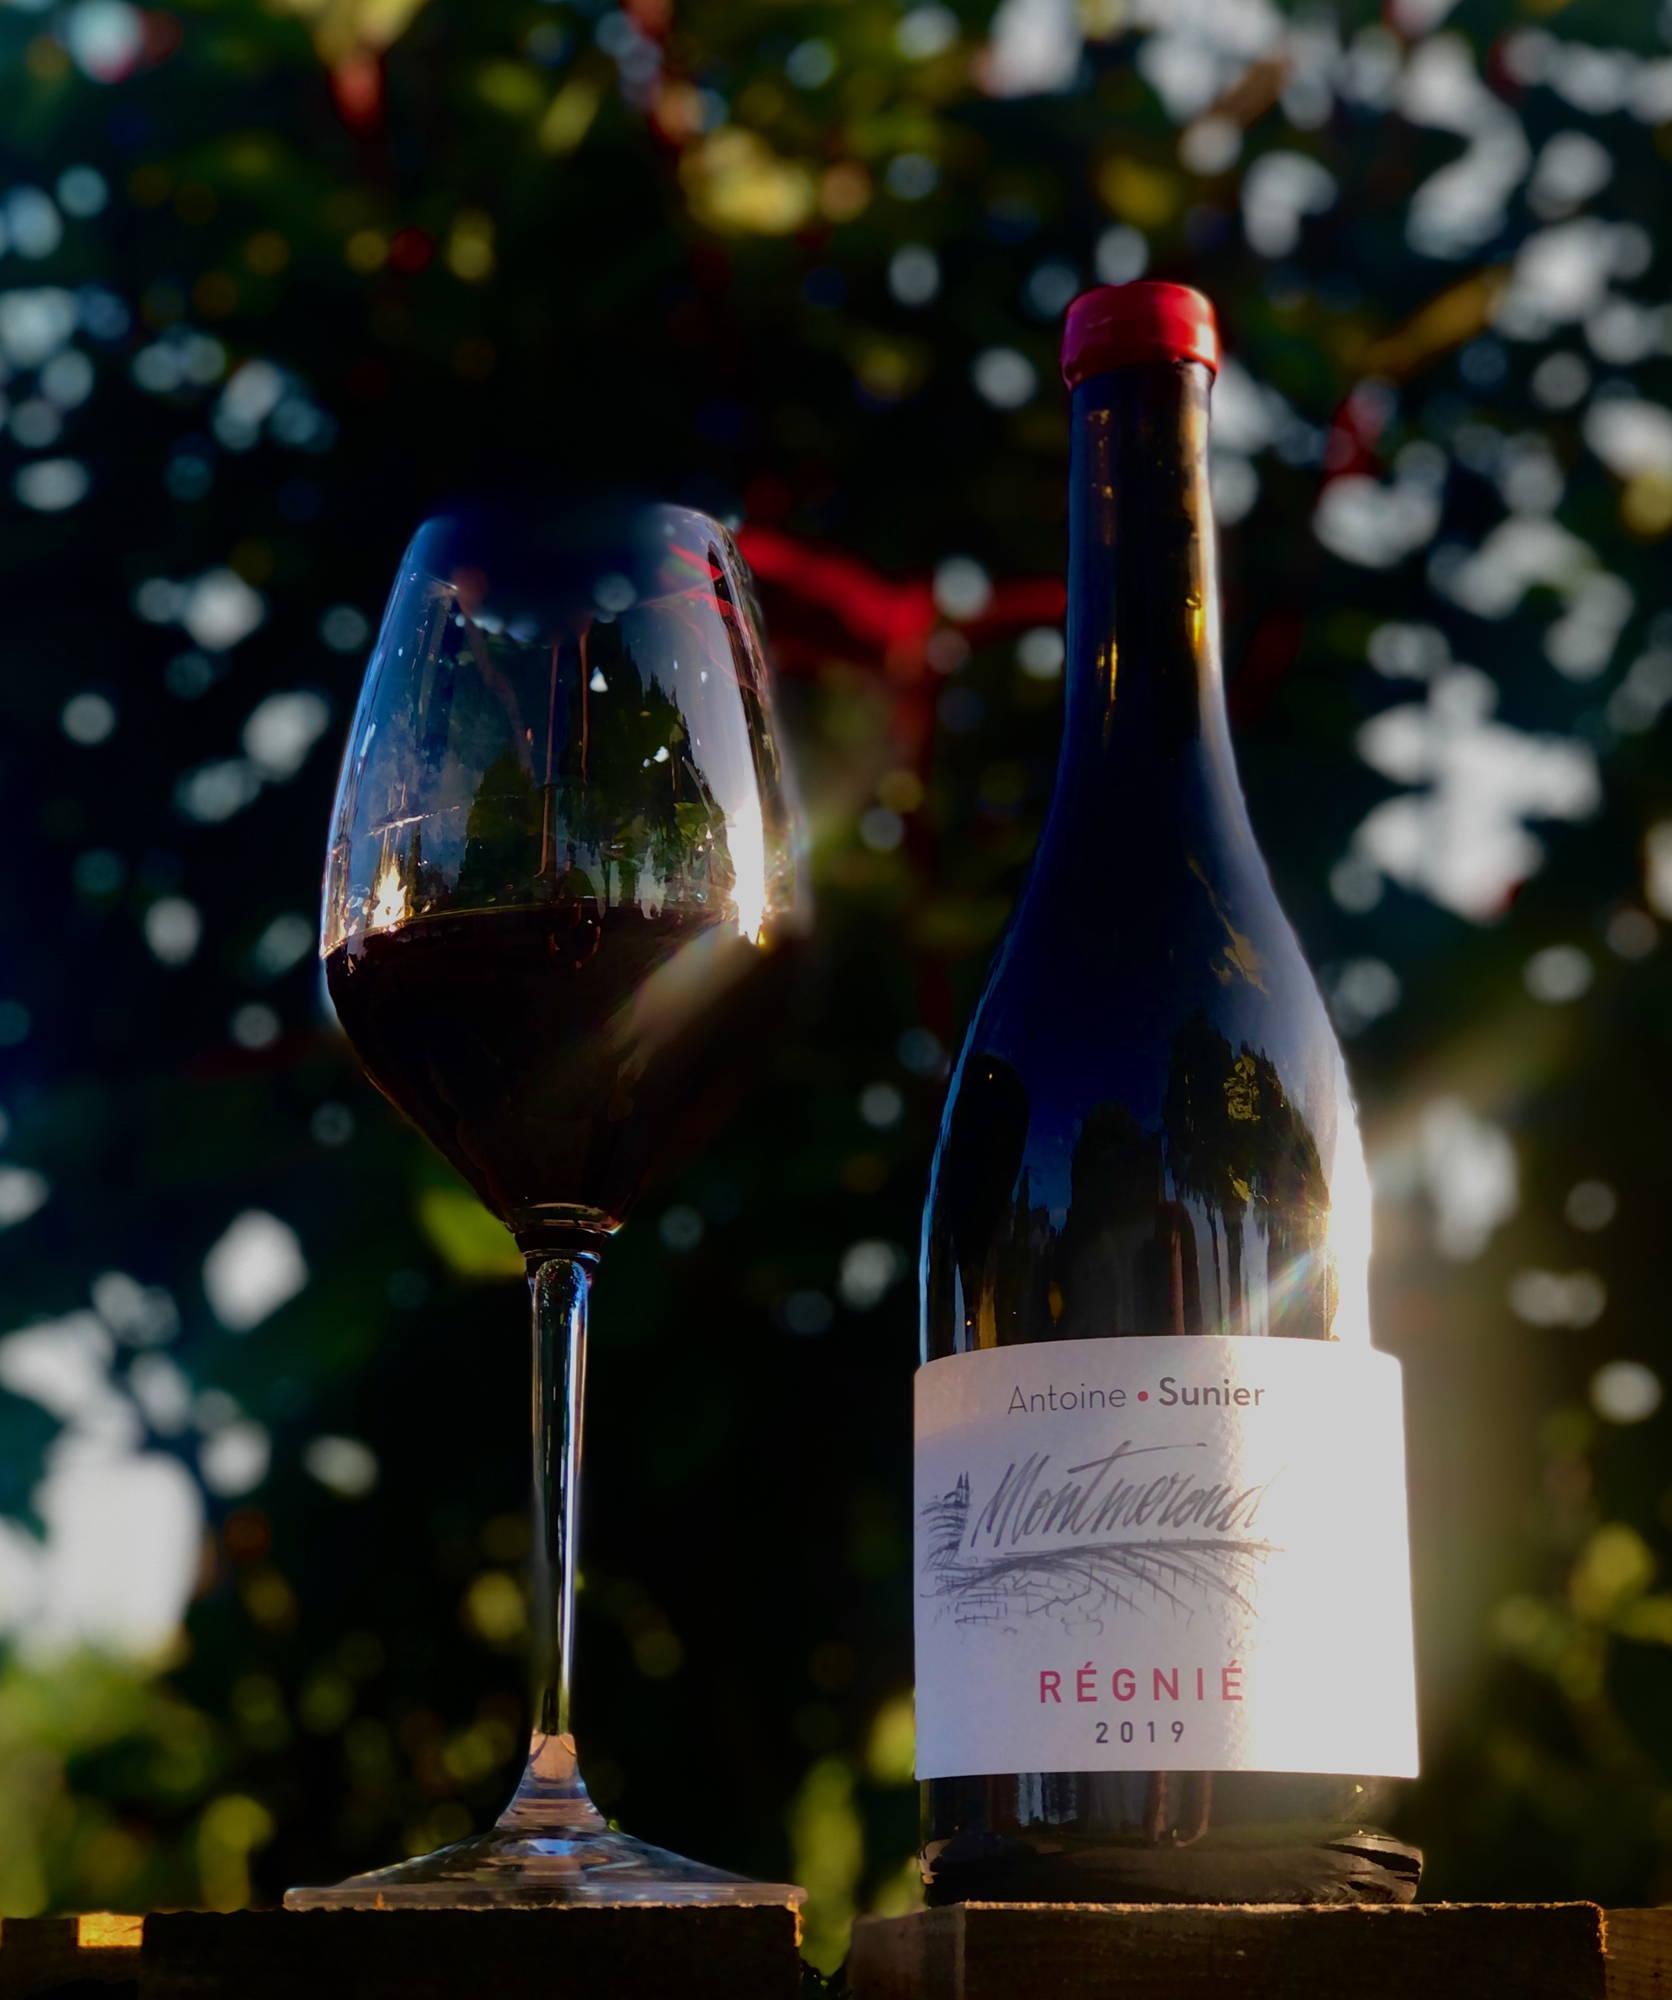 régnié-montmerond, beaujolais, gamay, antoine sunier, morgon, france, vin nature, rawwine, organic wine, vin bio, vin sans intrants, bistro brute, vin rouge, vin blanc, rouge, blanc, nature, vin propre, vigneron, vigneron indépendant, domaine bio, biodynamie, vigneron nature, cave vin naturel, cave vin, caviste, vin biodynamique, bistro brute